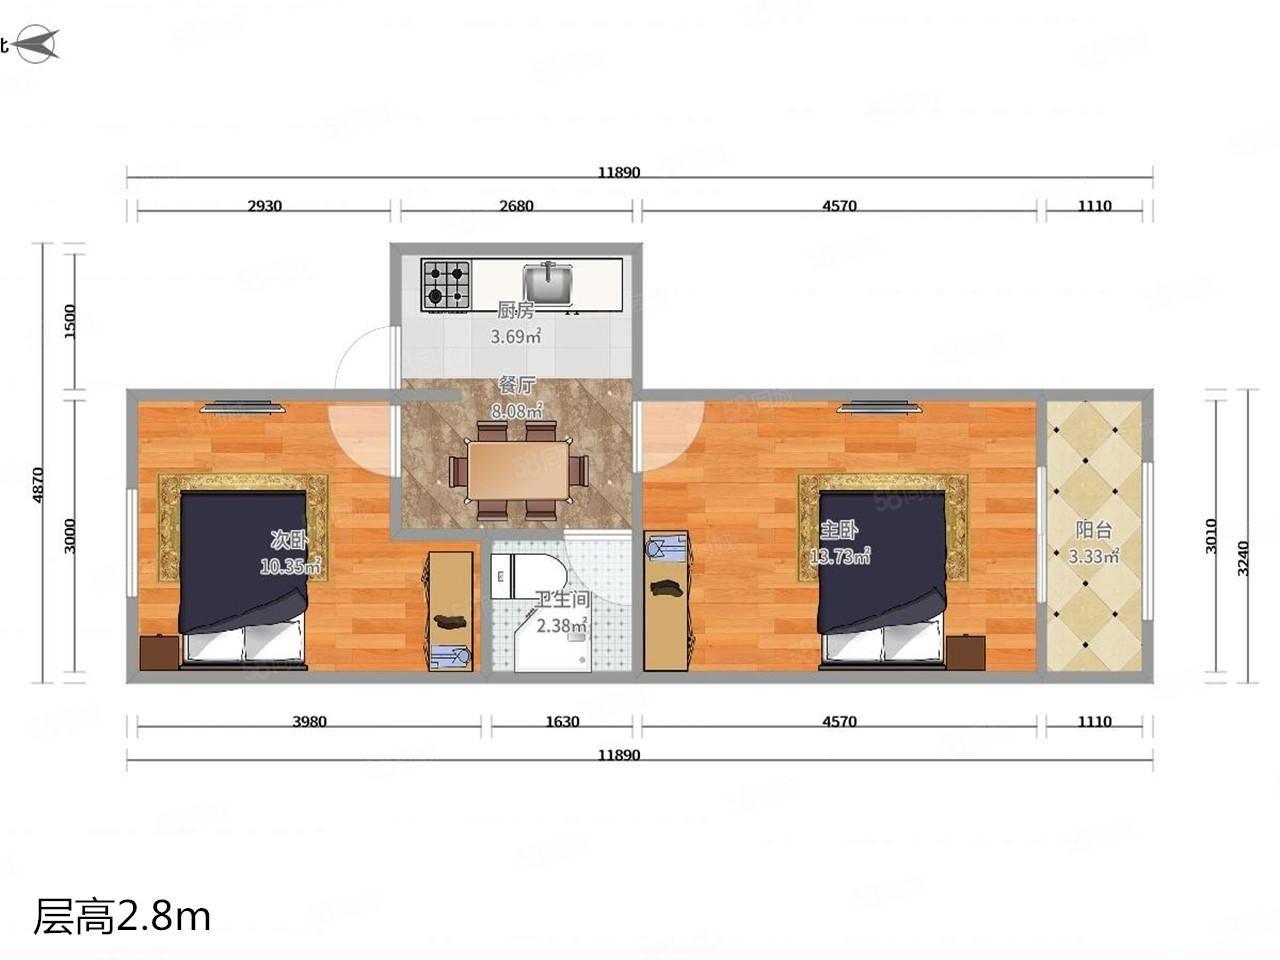 滨江新家园一室两室三室出租精装修拎包